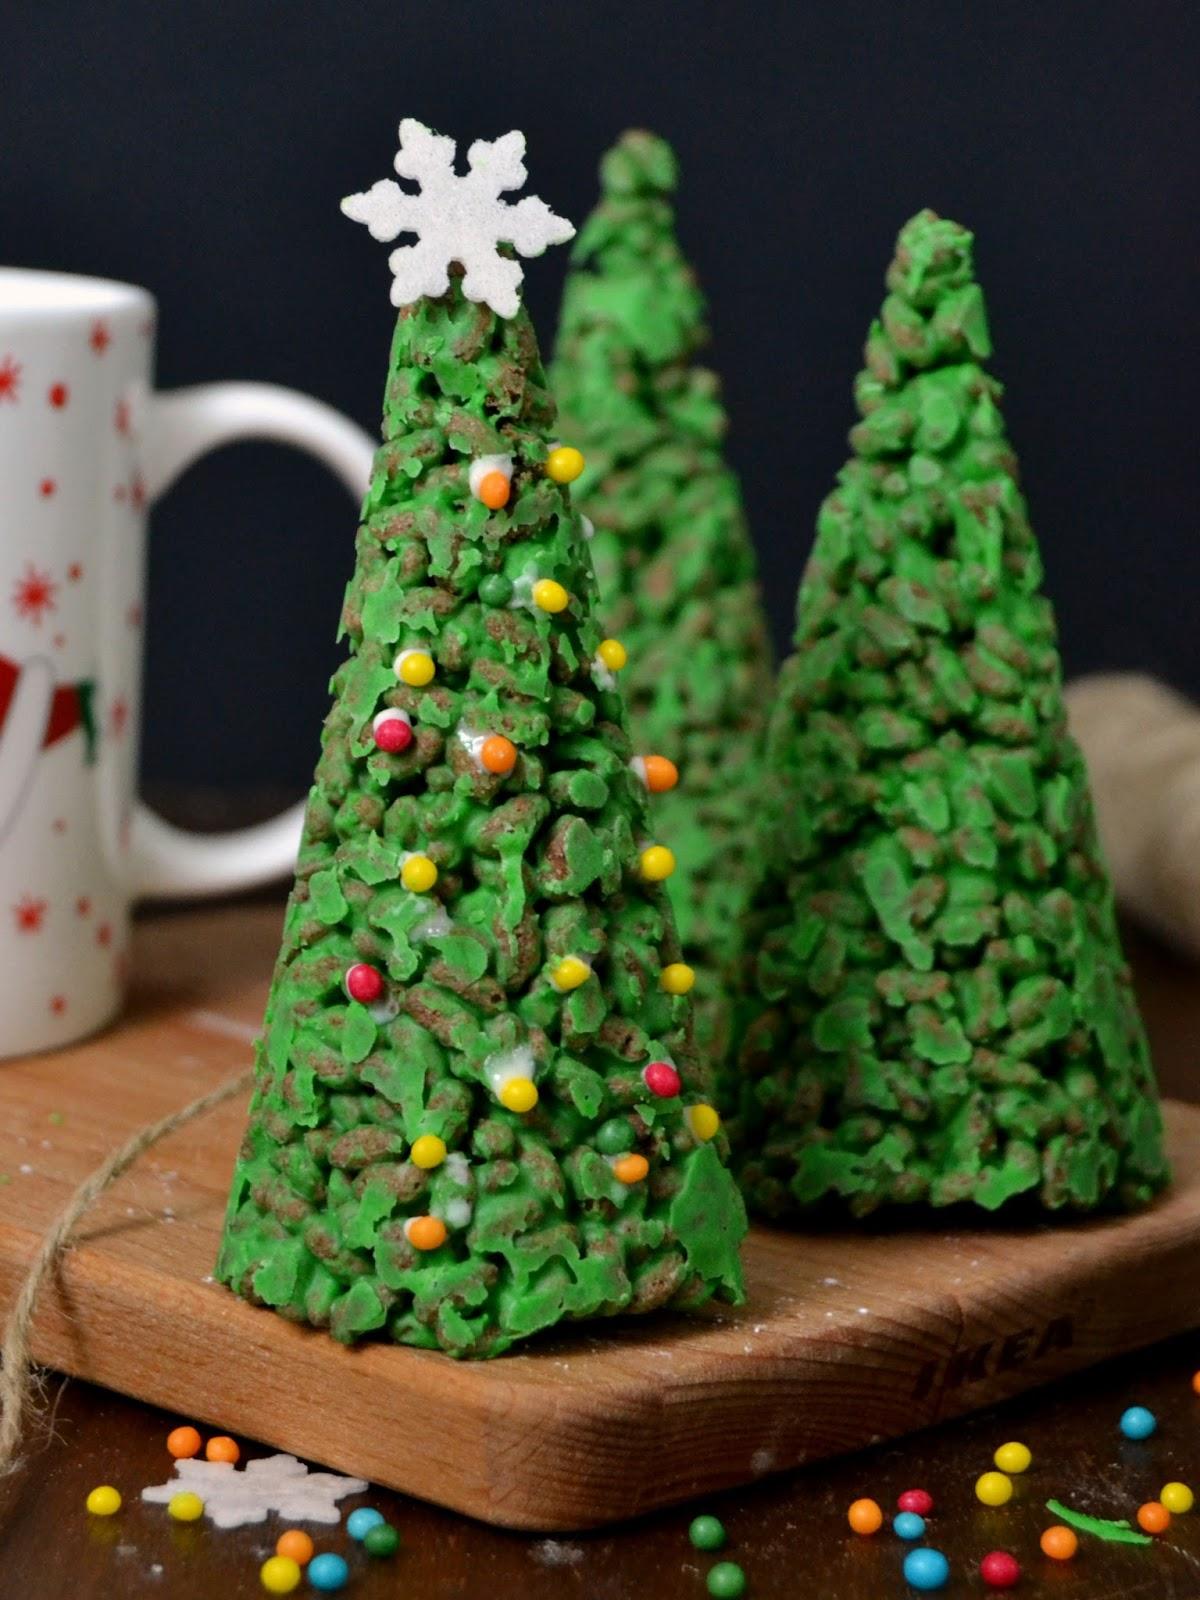 rboles de navidad de chocolate blanco y arroz inflado Cuuking